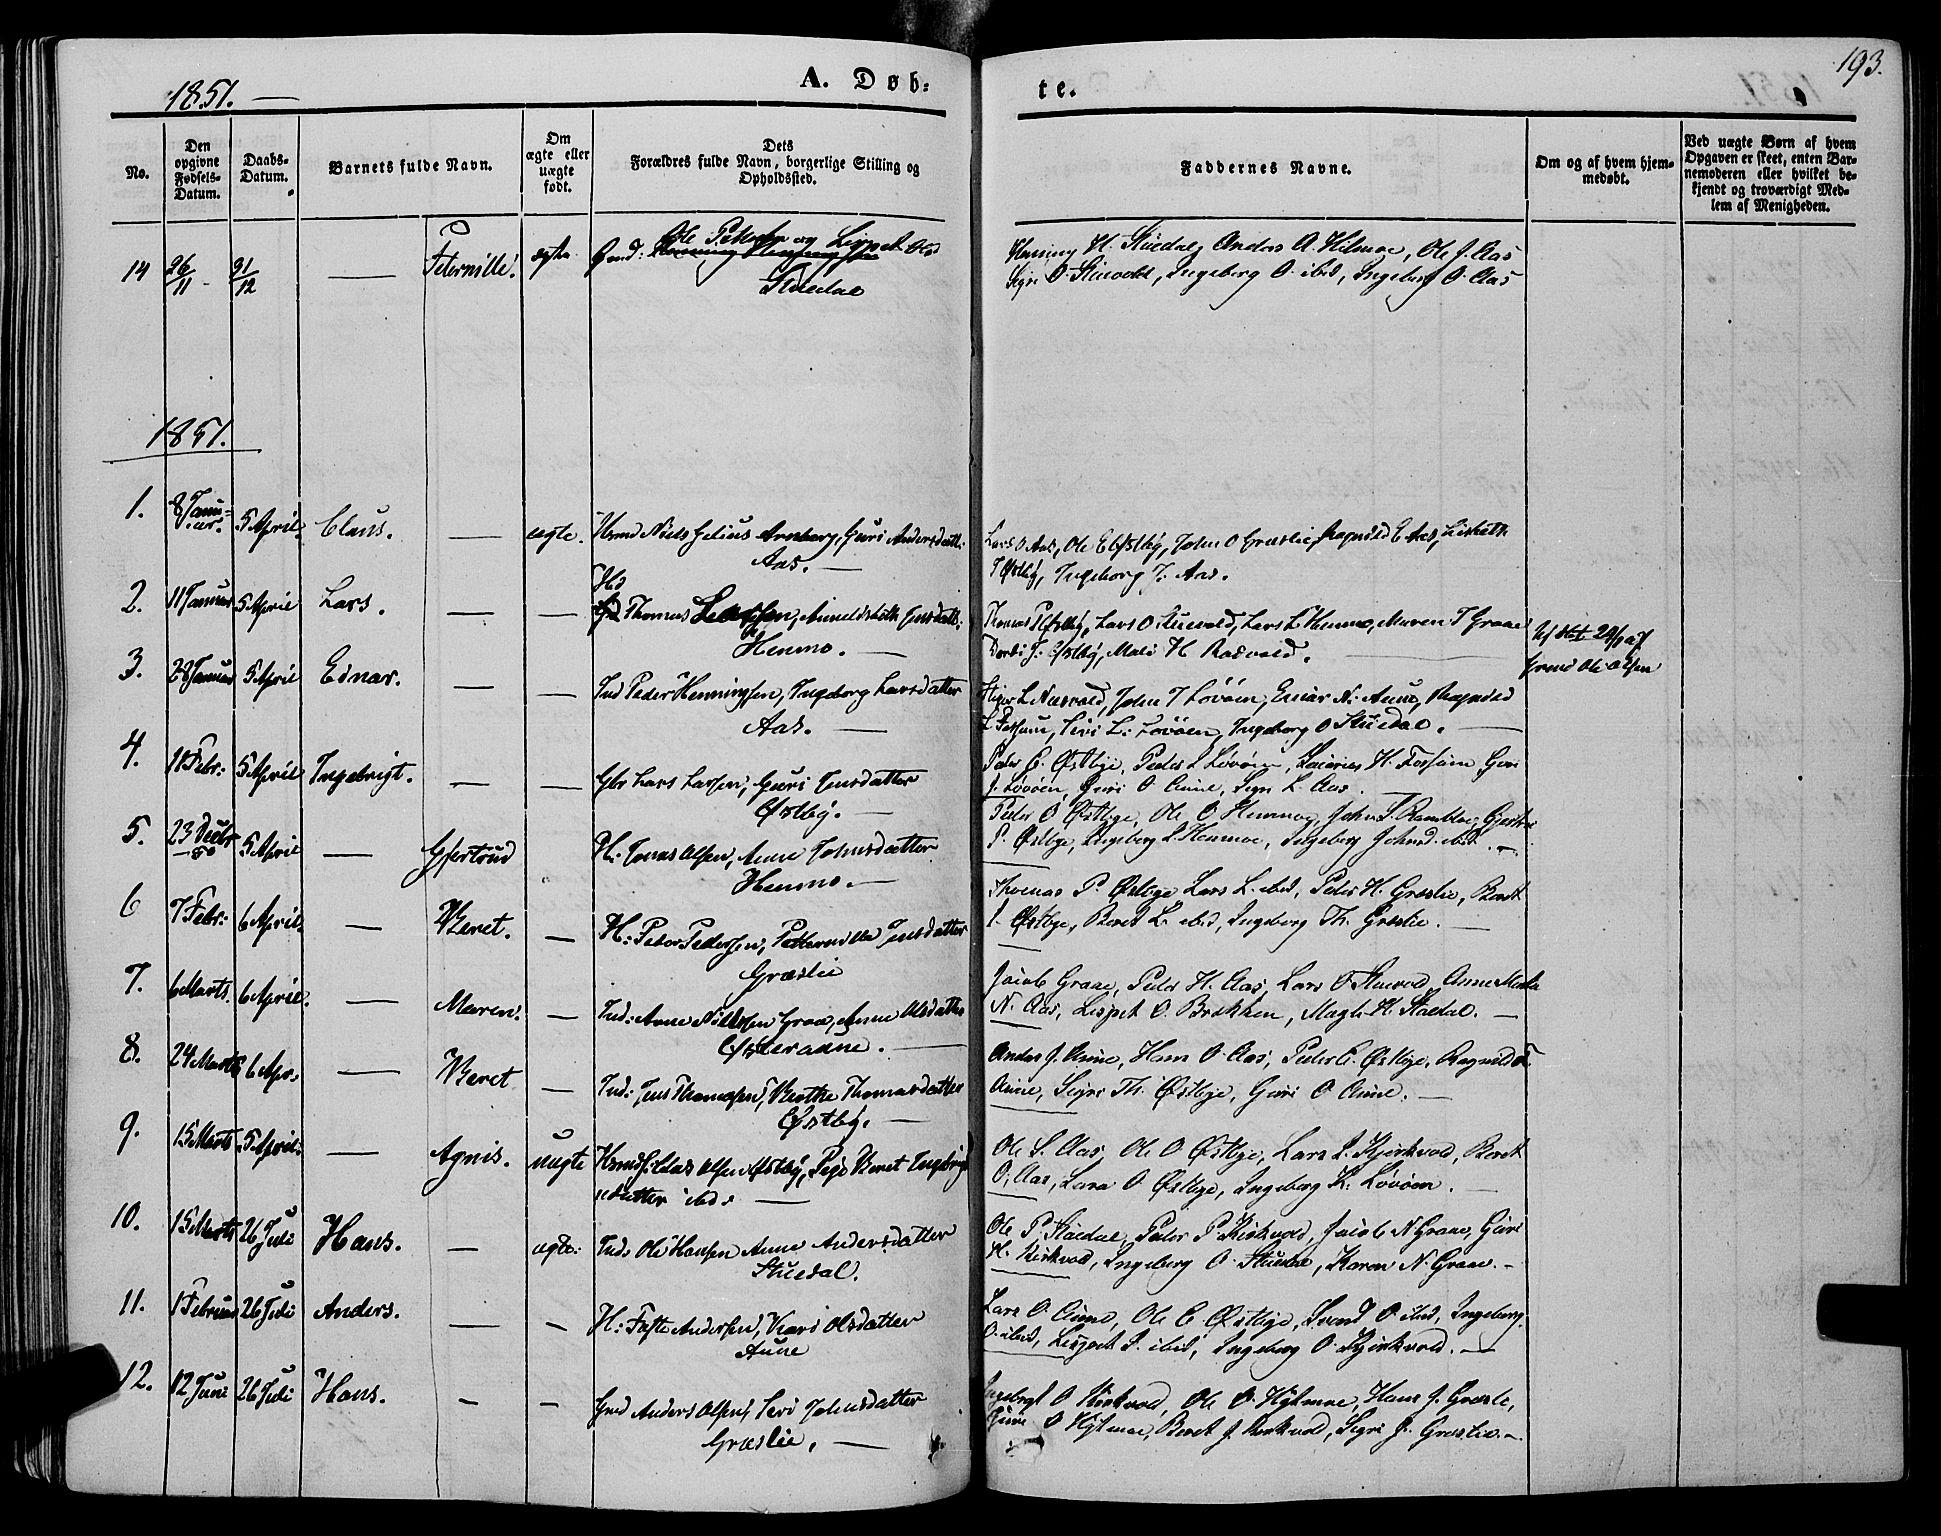 SAT, Ministerialprotokoller, klokkerbøker og fødselsregistre - Sør-Trøndelag, 695/L1146: Ministerialbok nr. 695A06 /2, 1843-1859, s. 193